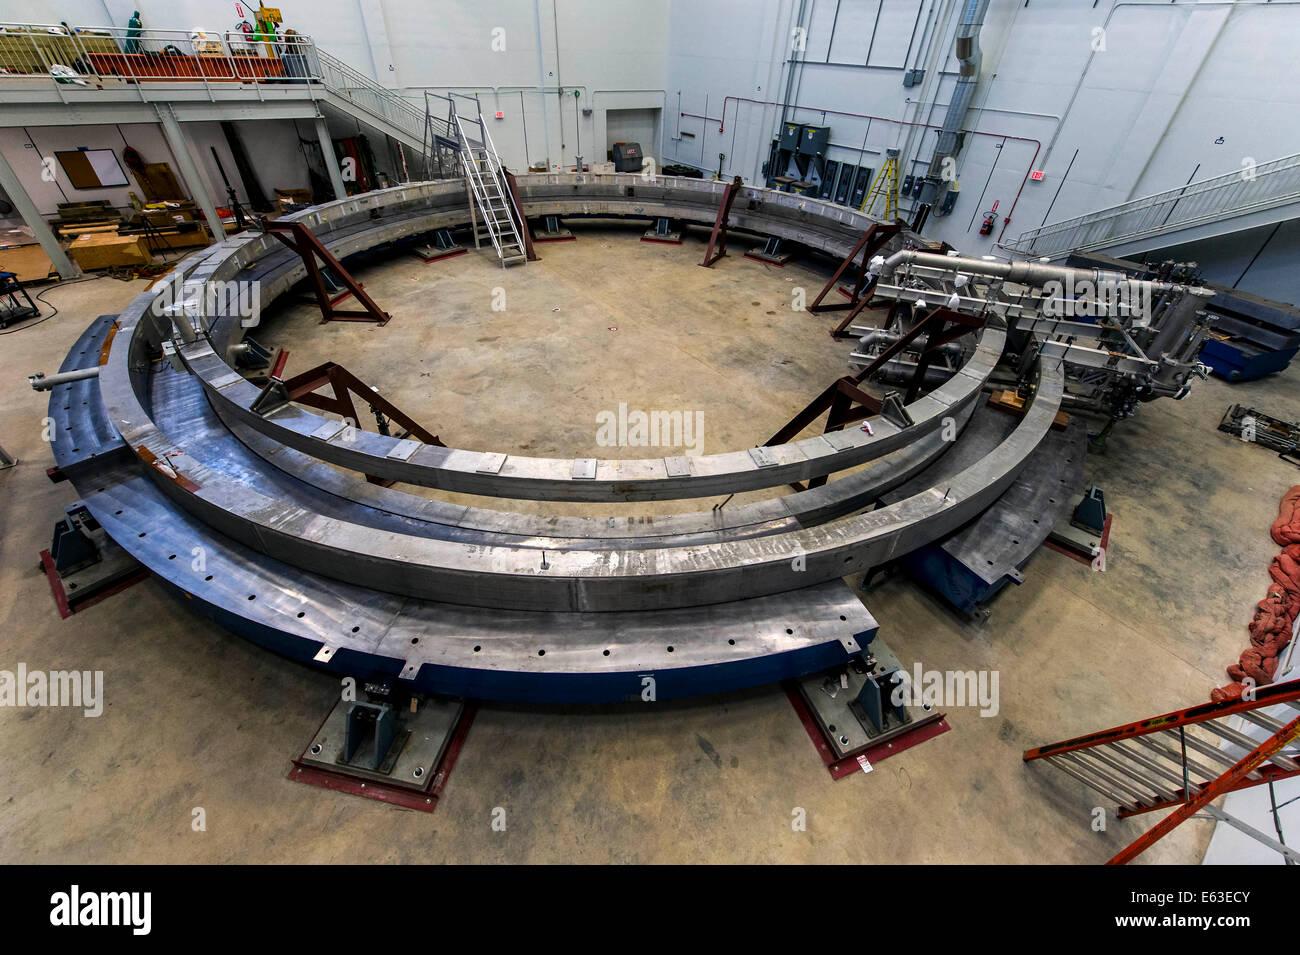 Batavia, Illinois, USA. 12e Août, 2014. Un 50 pieds de large, de l'électro-aimant ici installé Photo Stock